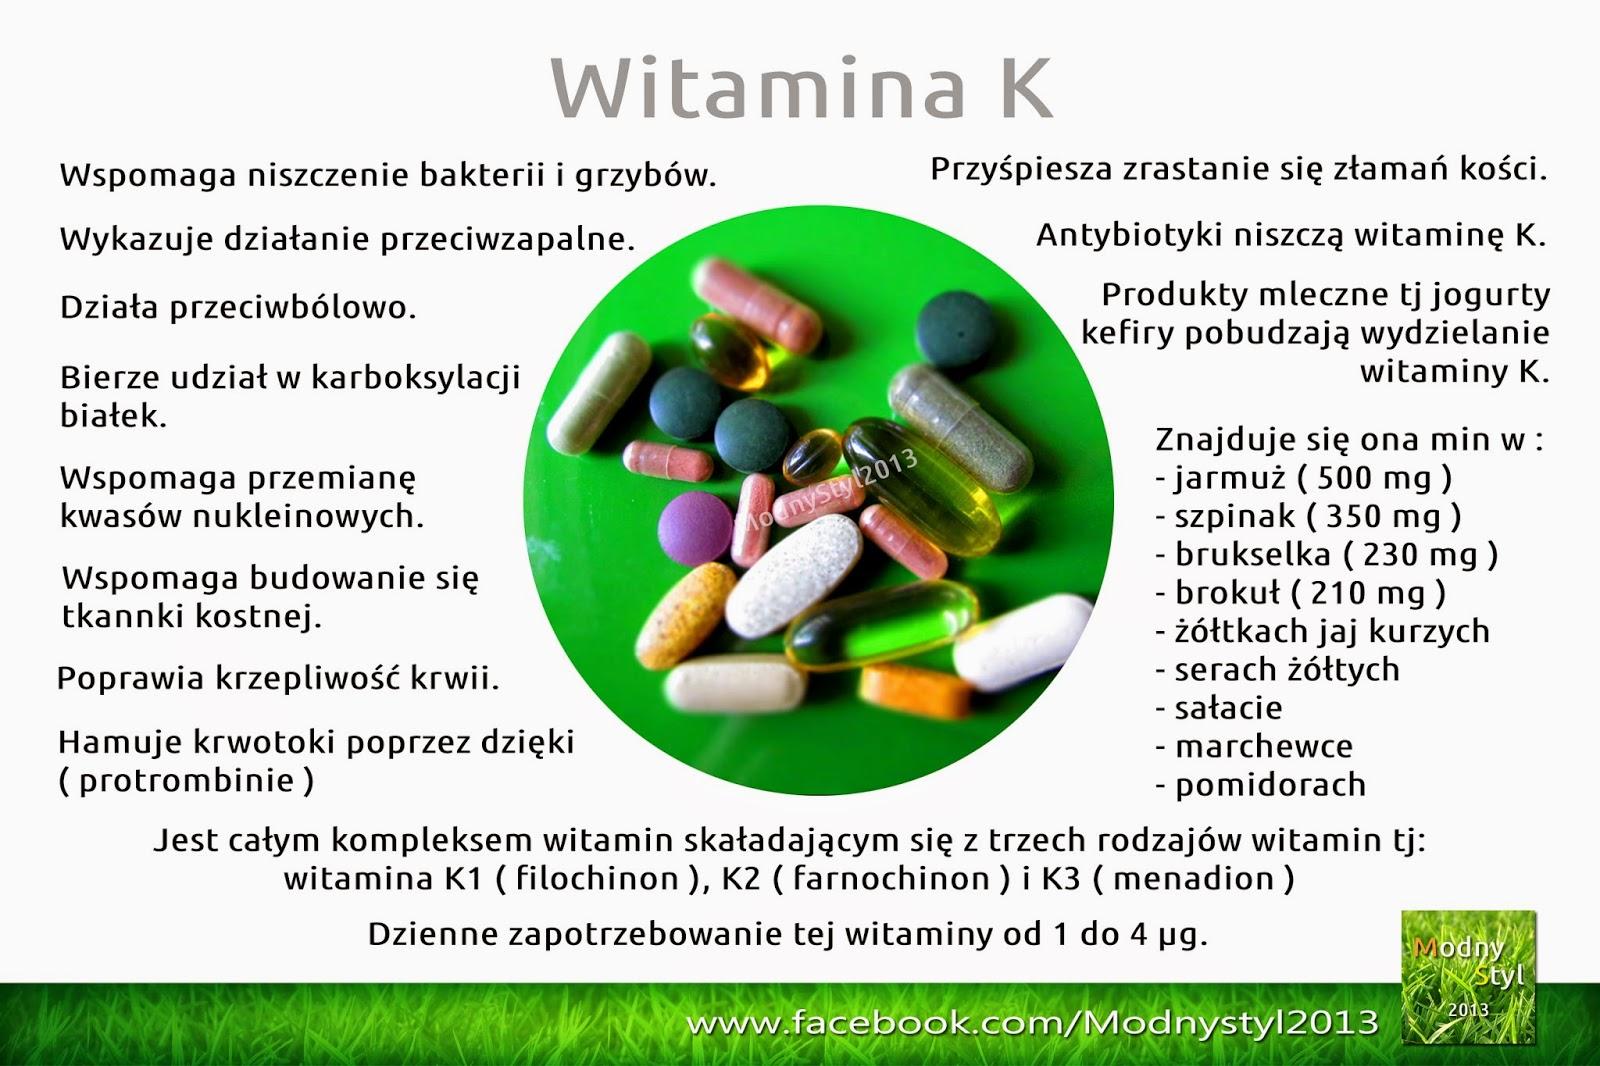 Witamina K czyli K1, K2 oraz K3